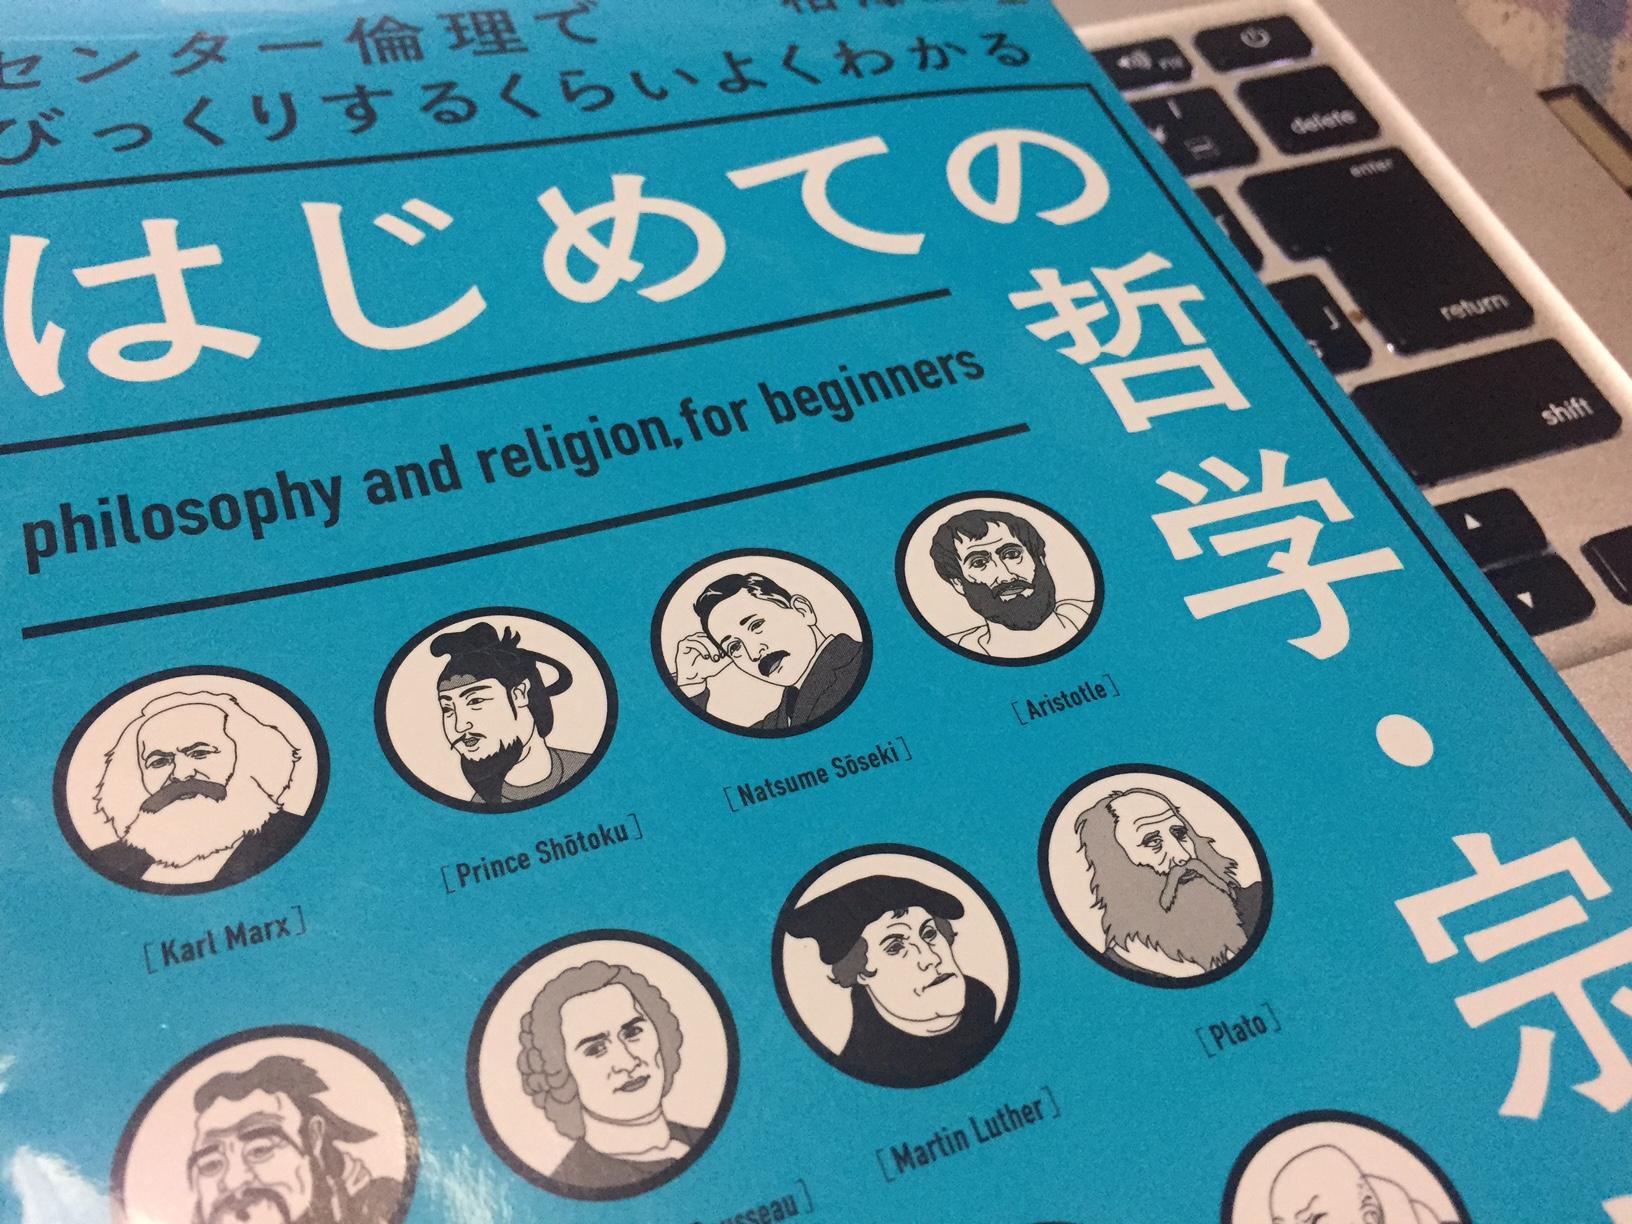 はじめての哲学・宗教 ~センター倫理でびっくりするくらいよくわかる~ / 相澤 理